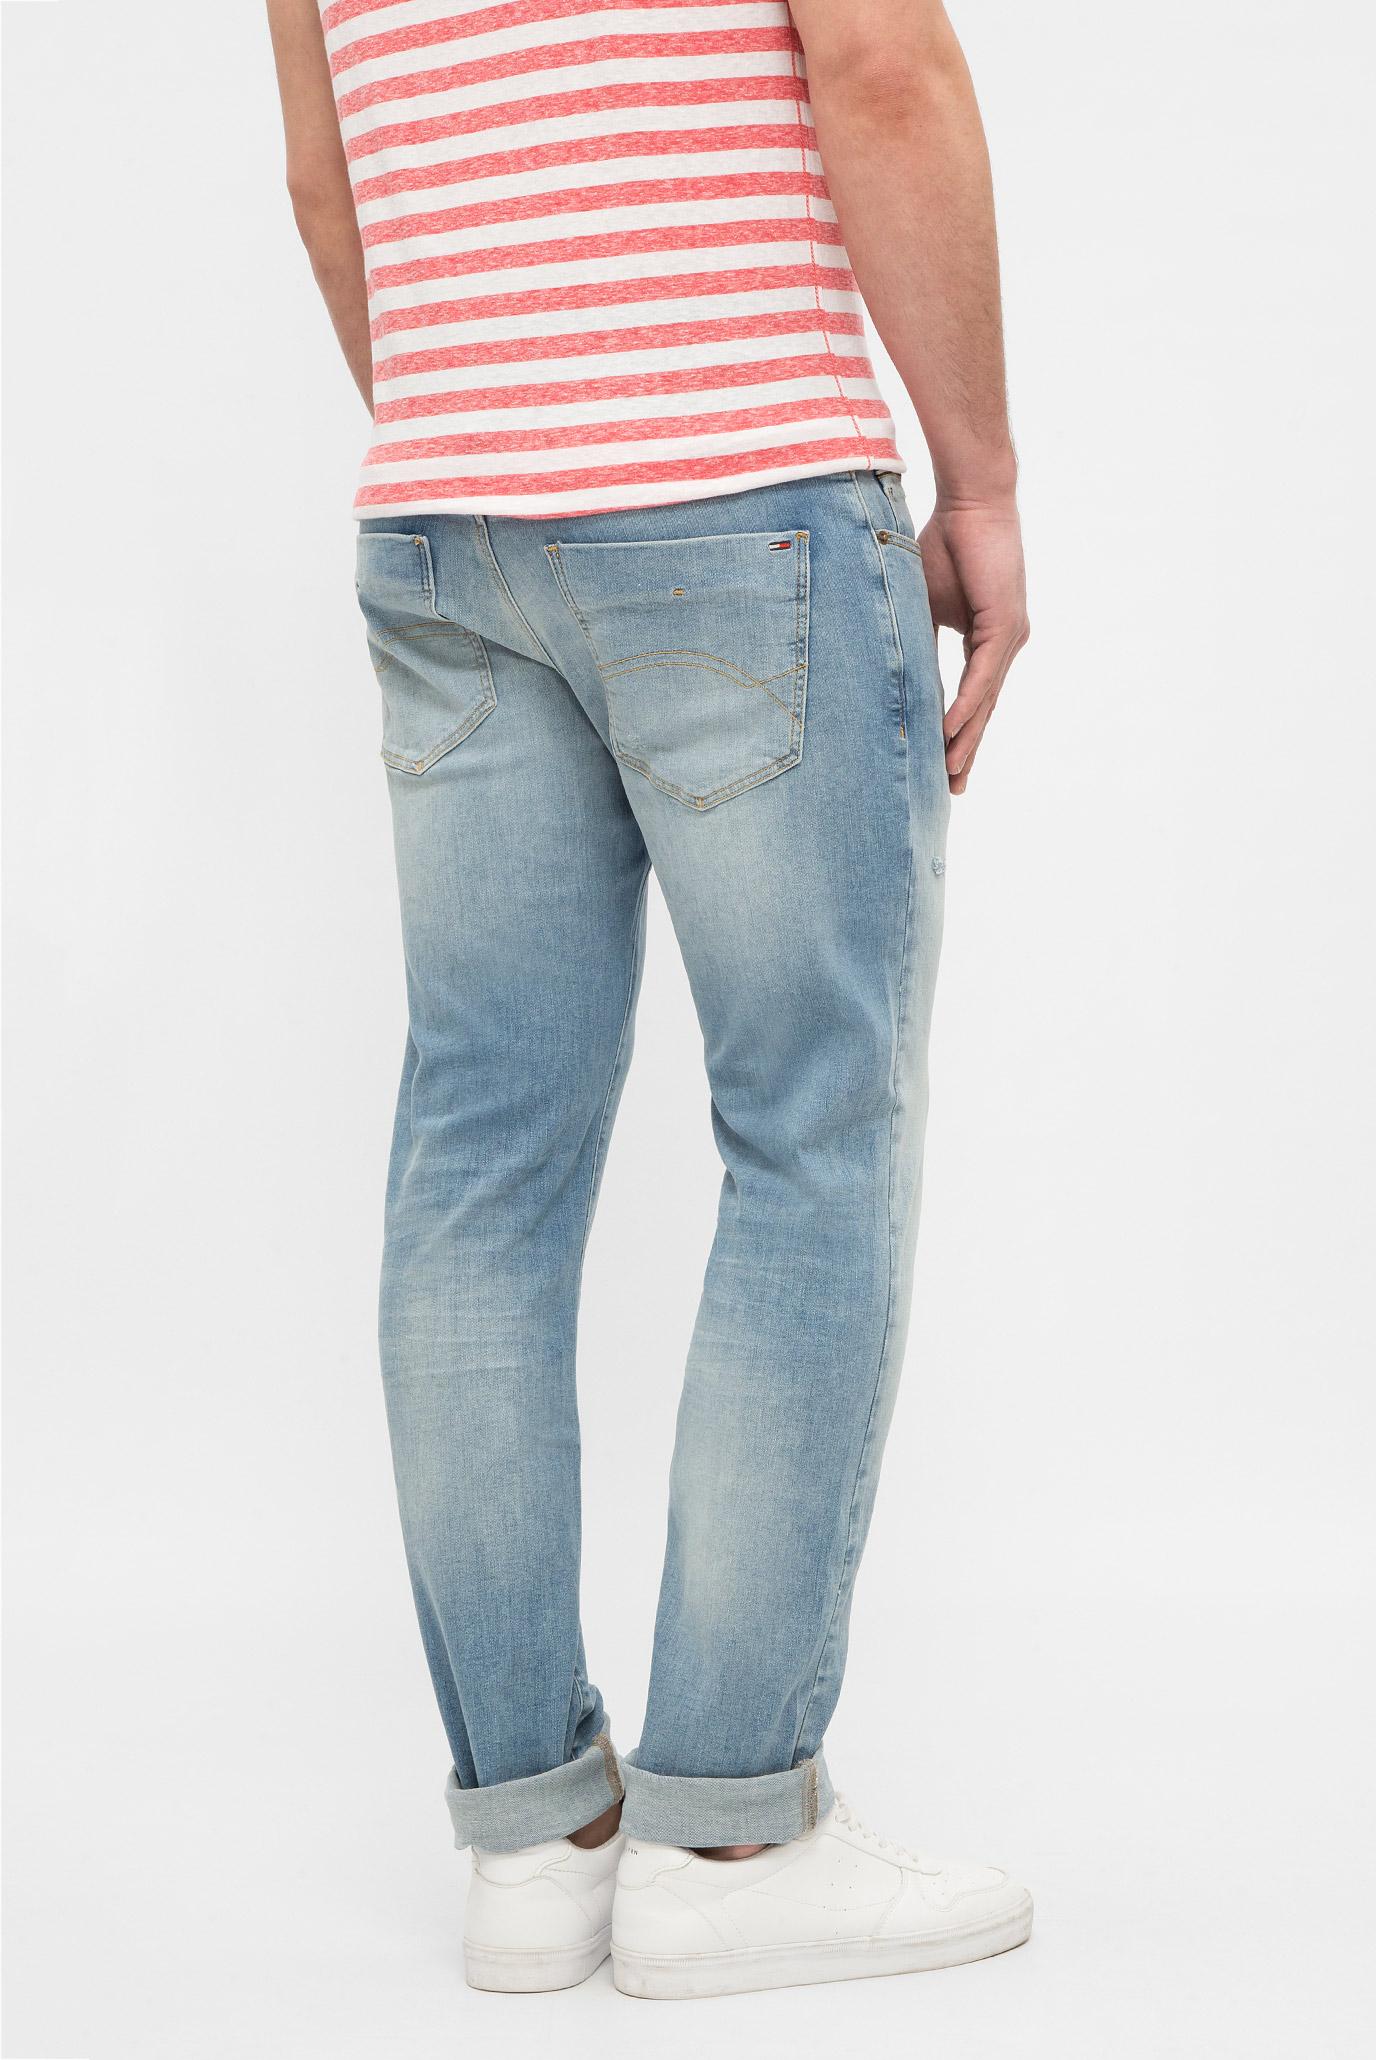 Купить Мужские голубые джинсы SLIM SCANTON Tommy Hilfiger Tommy Hilfiger DM0DM03620 – Киев, Украина. Цены в интернет магазине MD Fashion